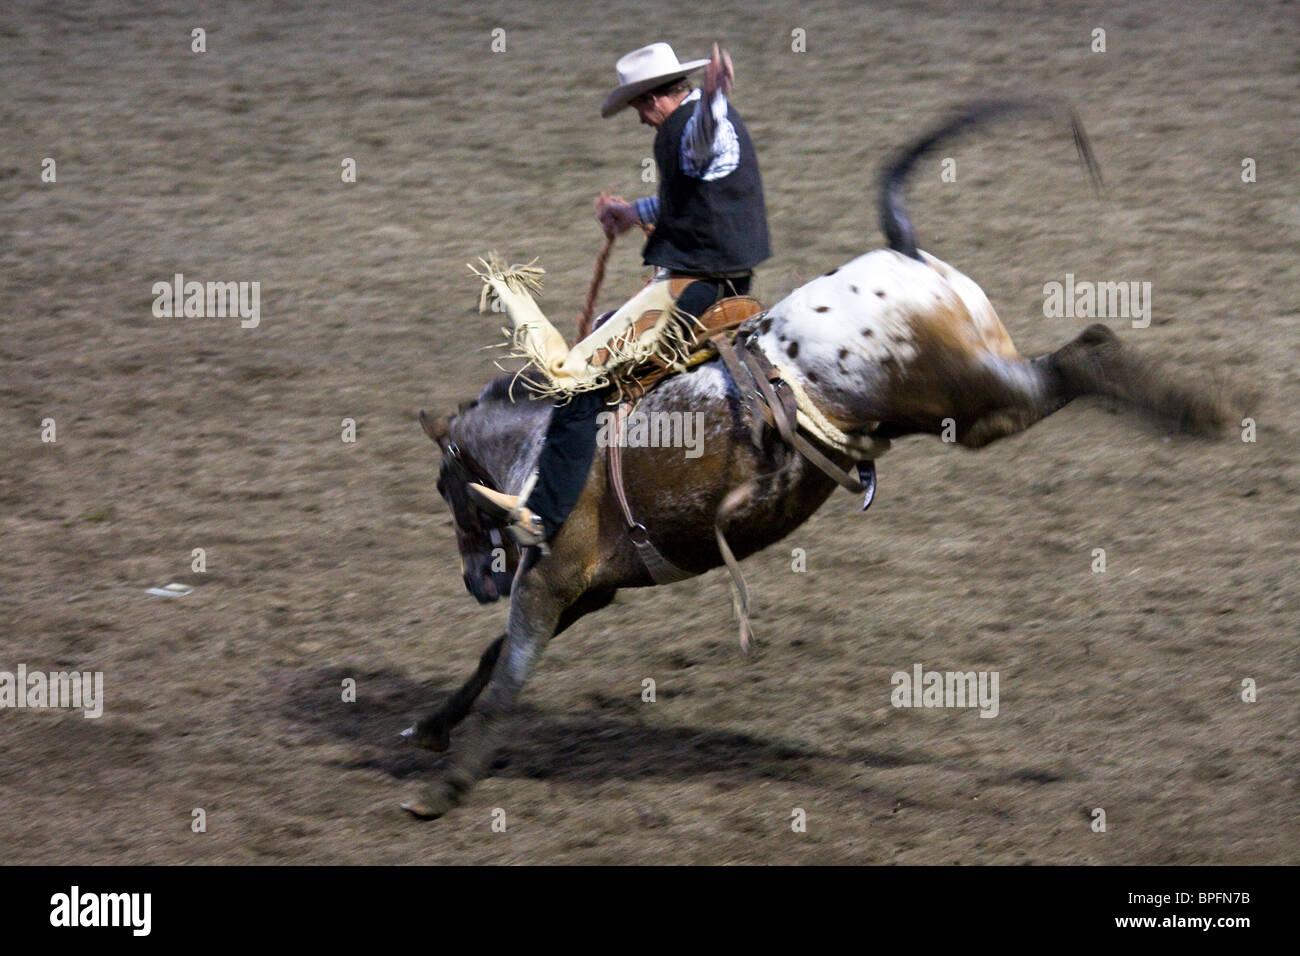 Bucking bronco, Cody Nite Rodeo, Wyoming, USA - Stock Image